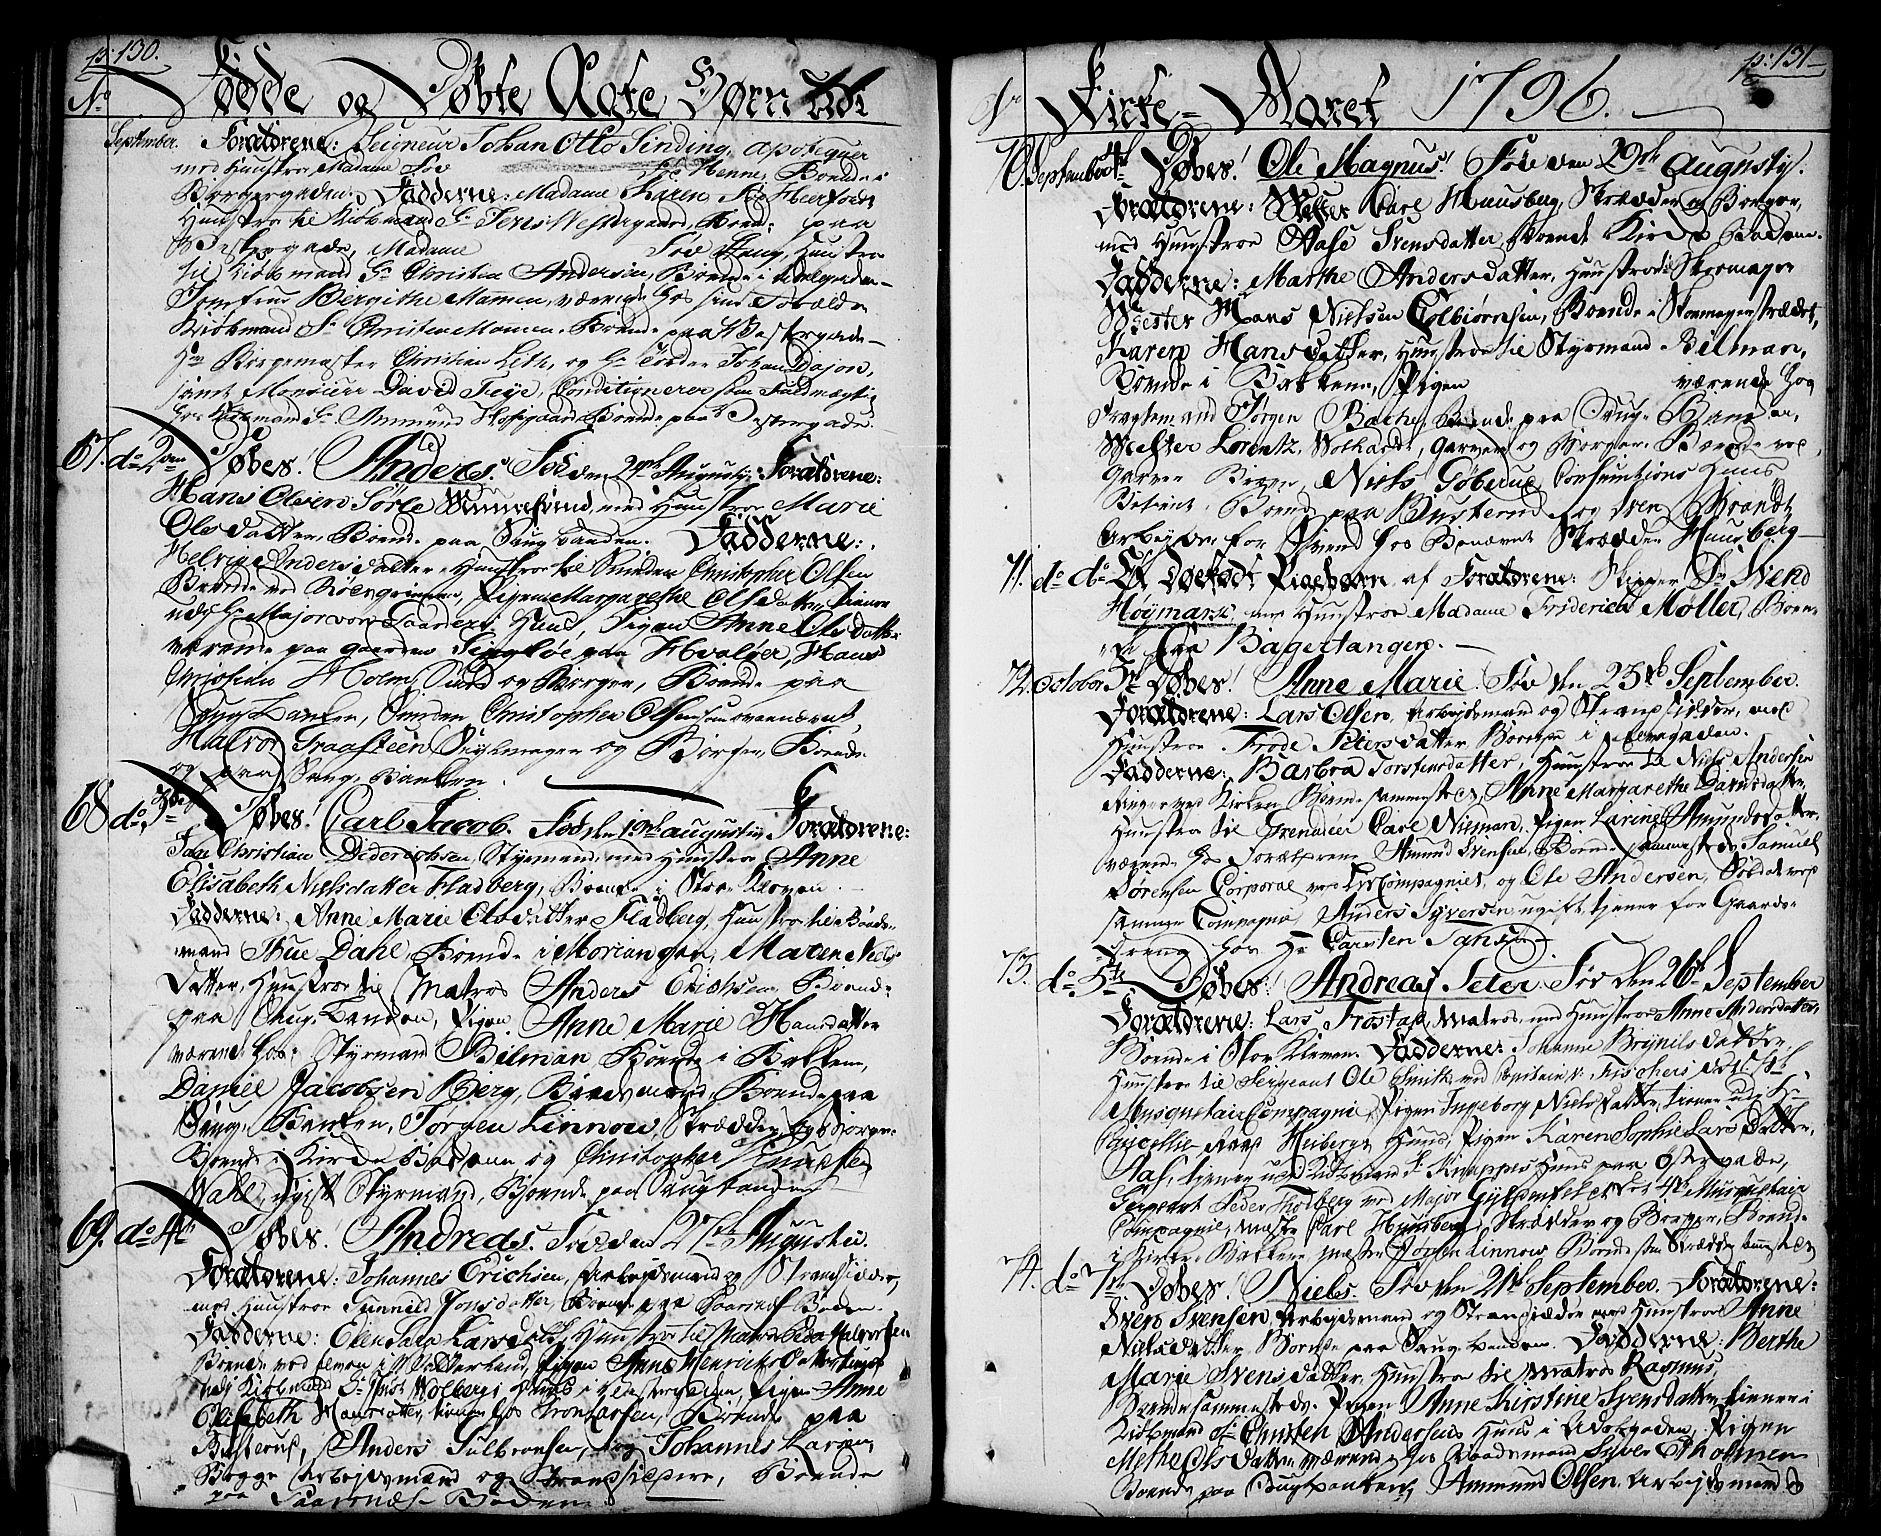 SAO, Halden prestekontor Kirkebøker, F/Fa/L0002: Ministerialbok nr. I 2, 1792-1812, s. 130-131